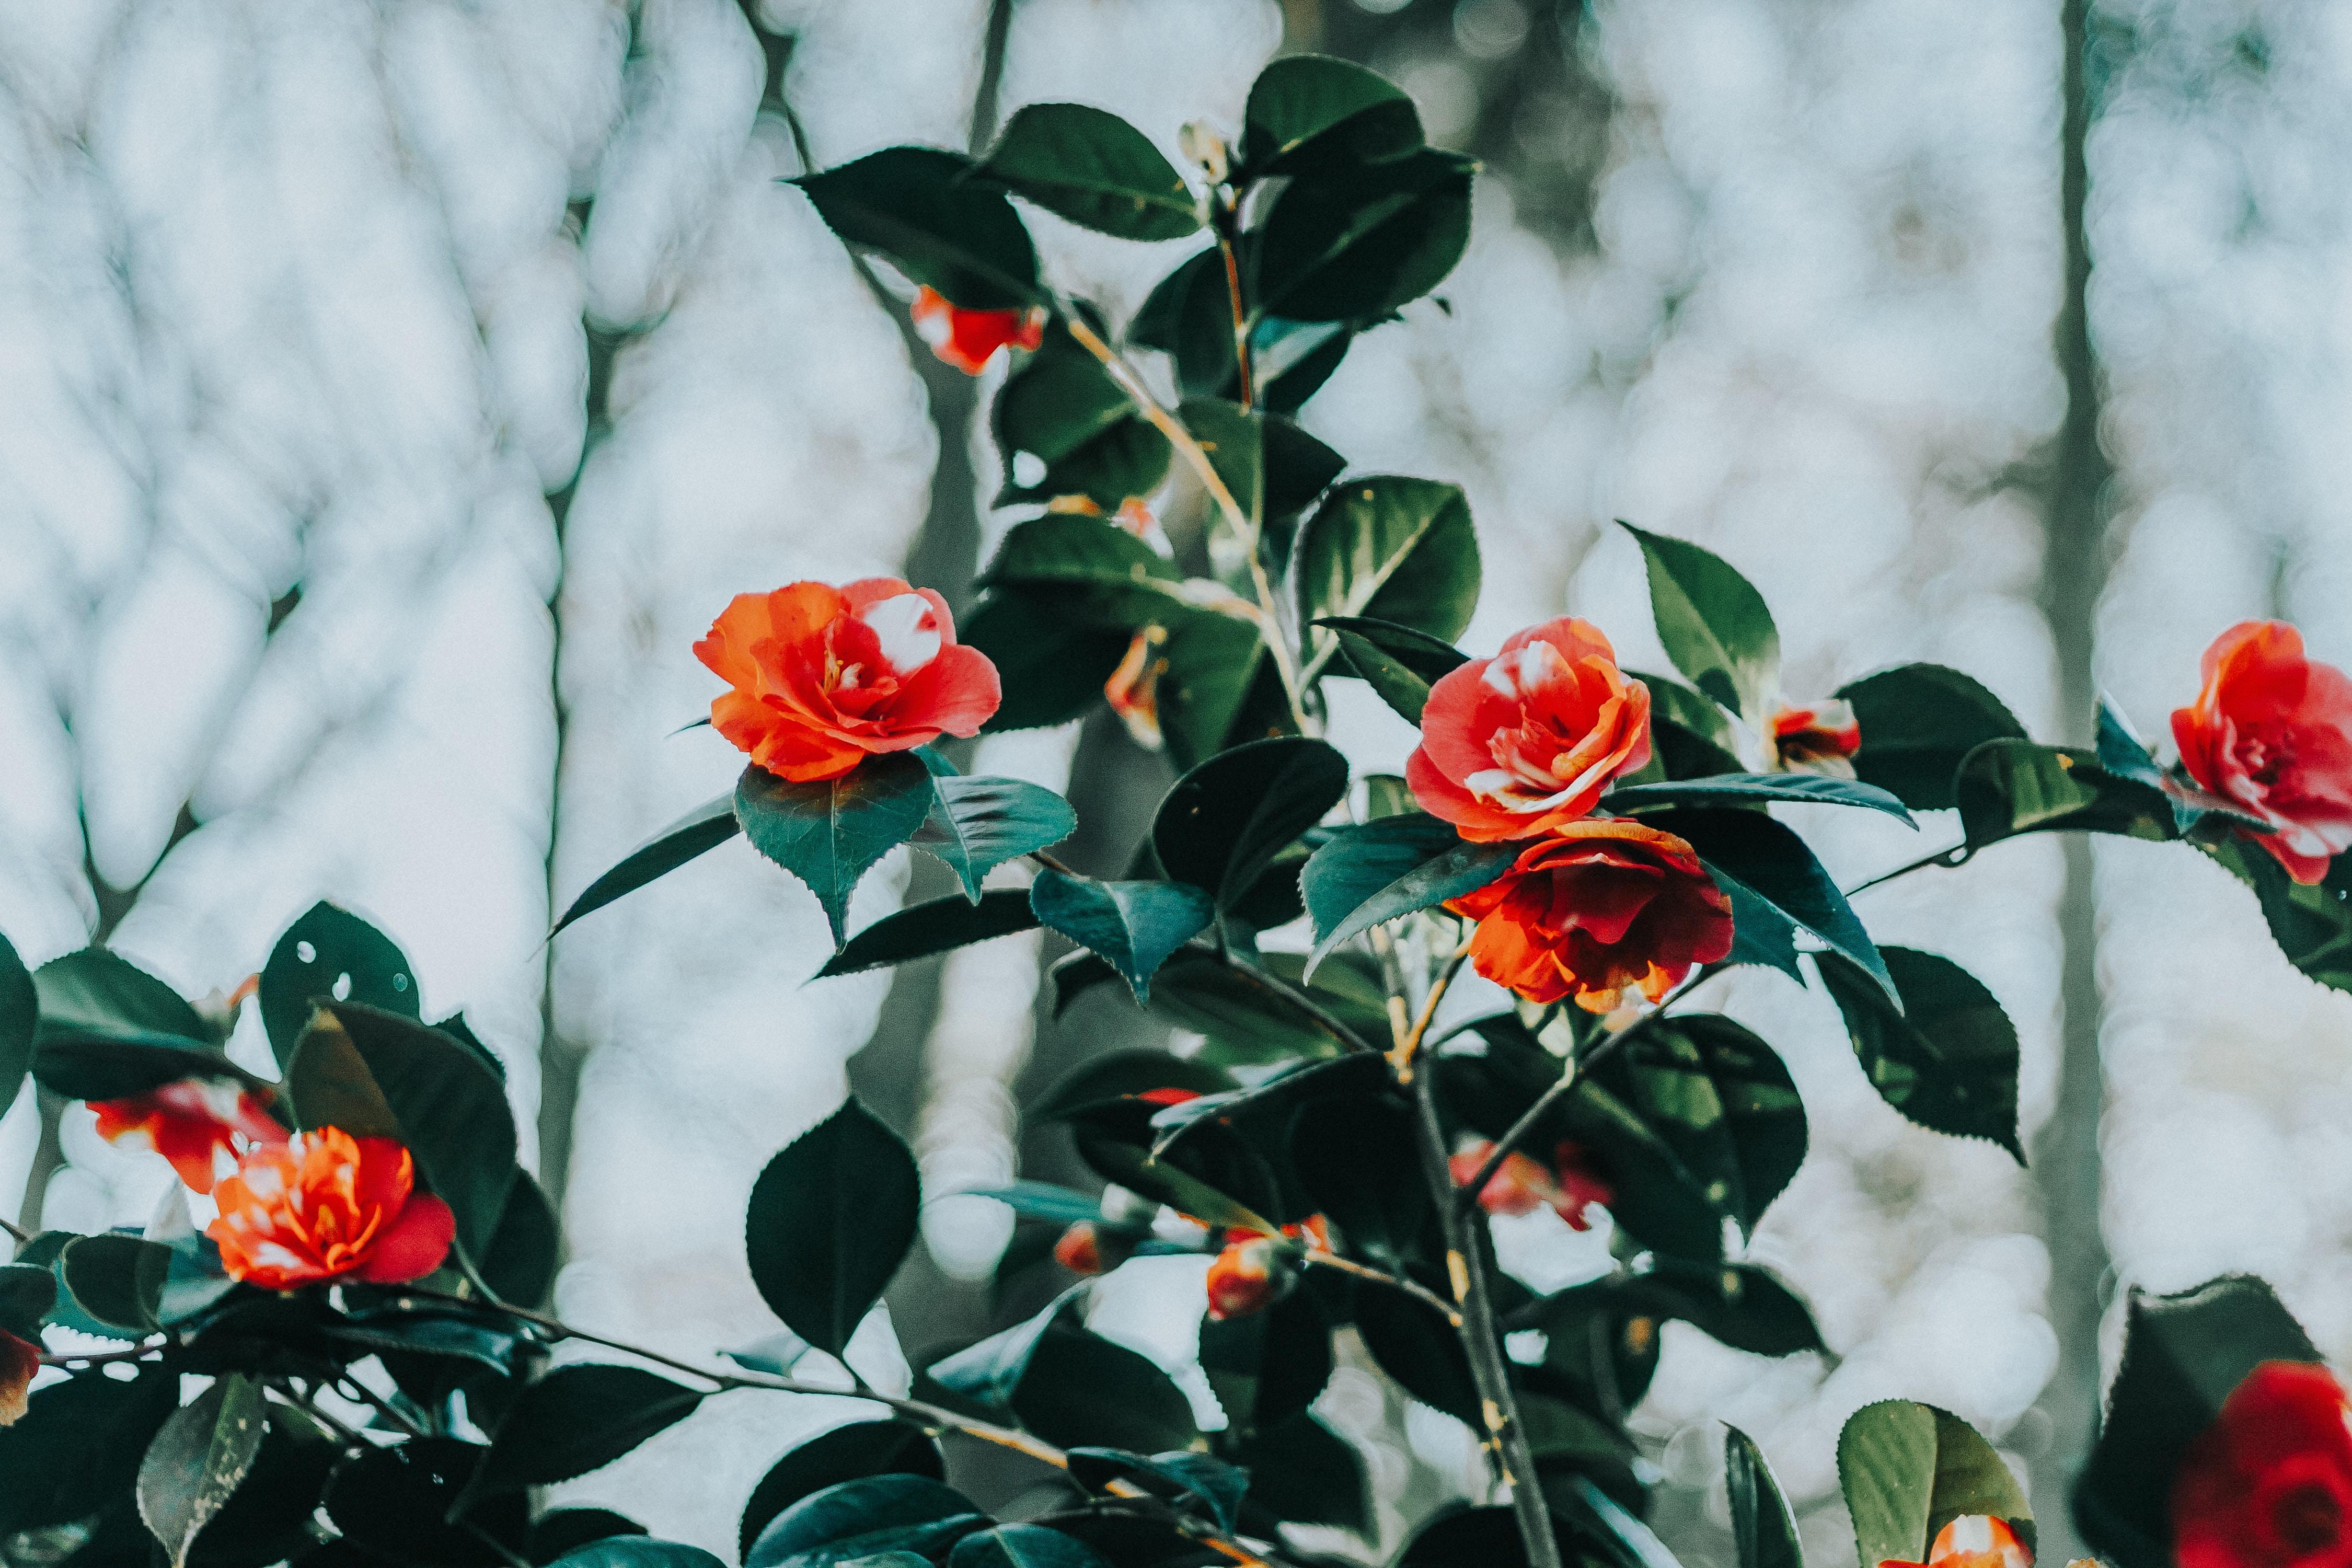 tilt shift lens photography of red flower